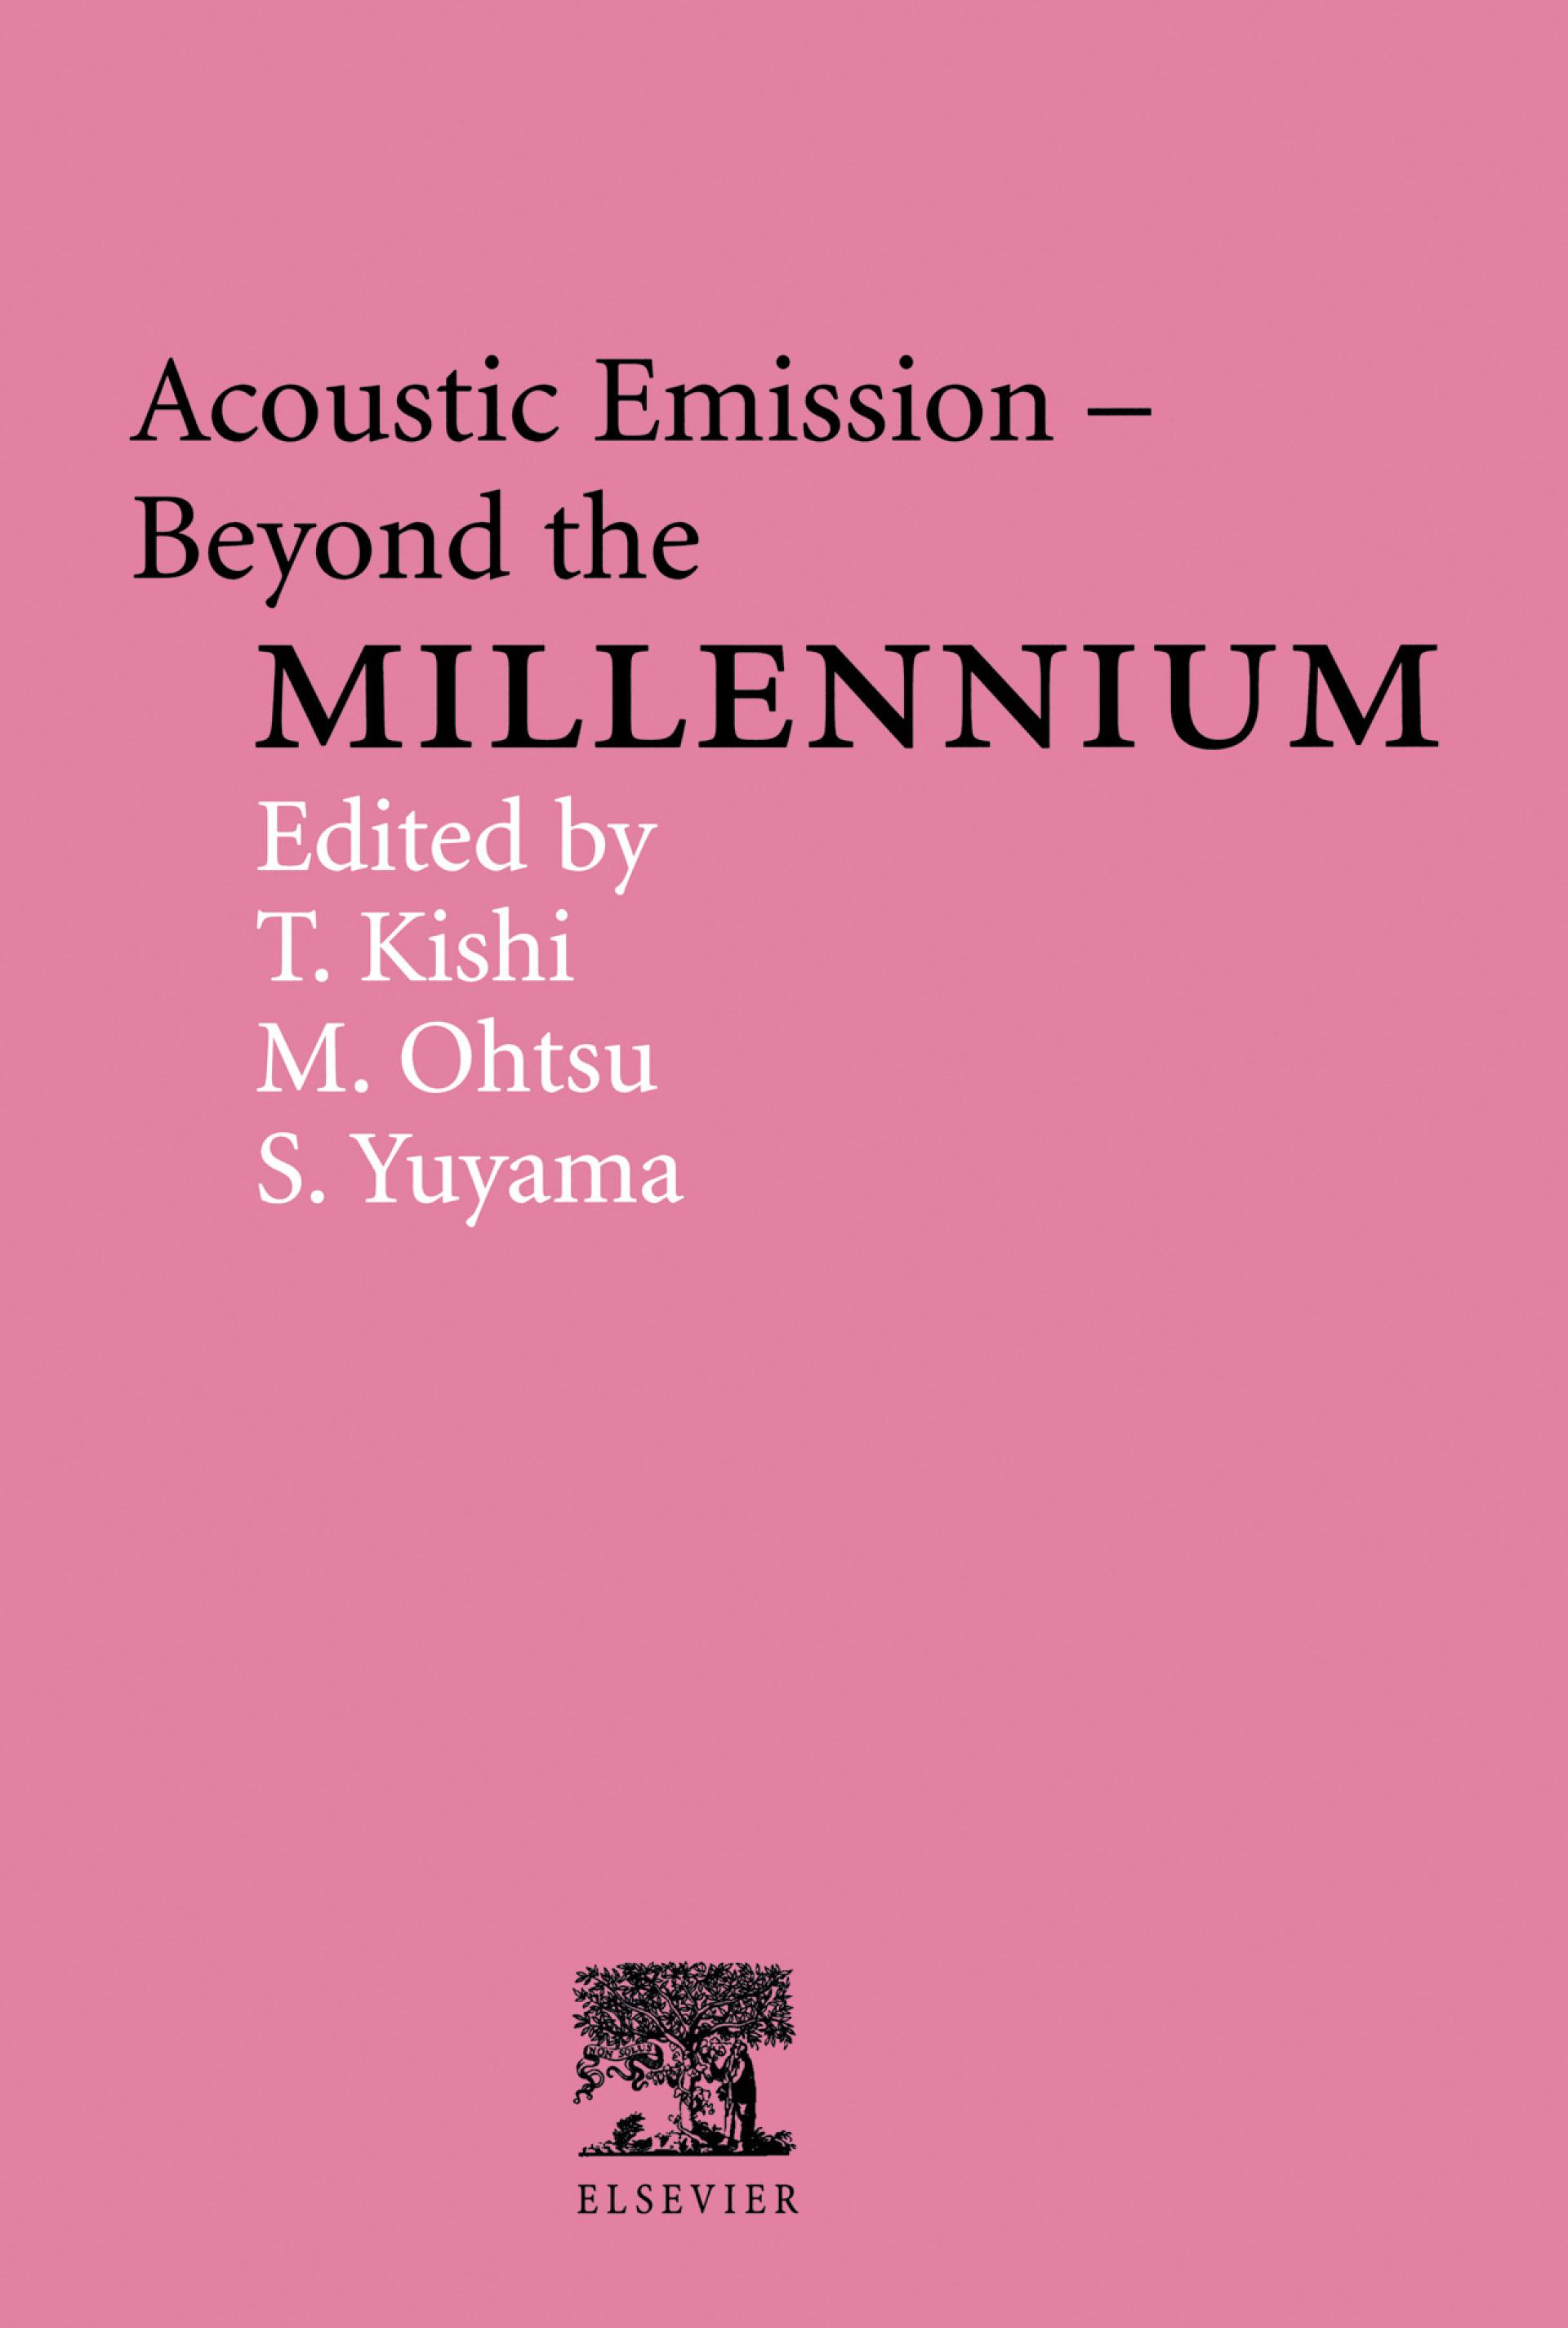 Acoustic Emission - Beyond the Millennium EB9780080546346